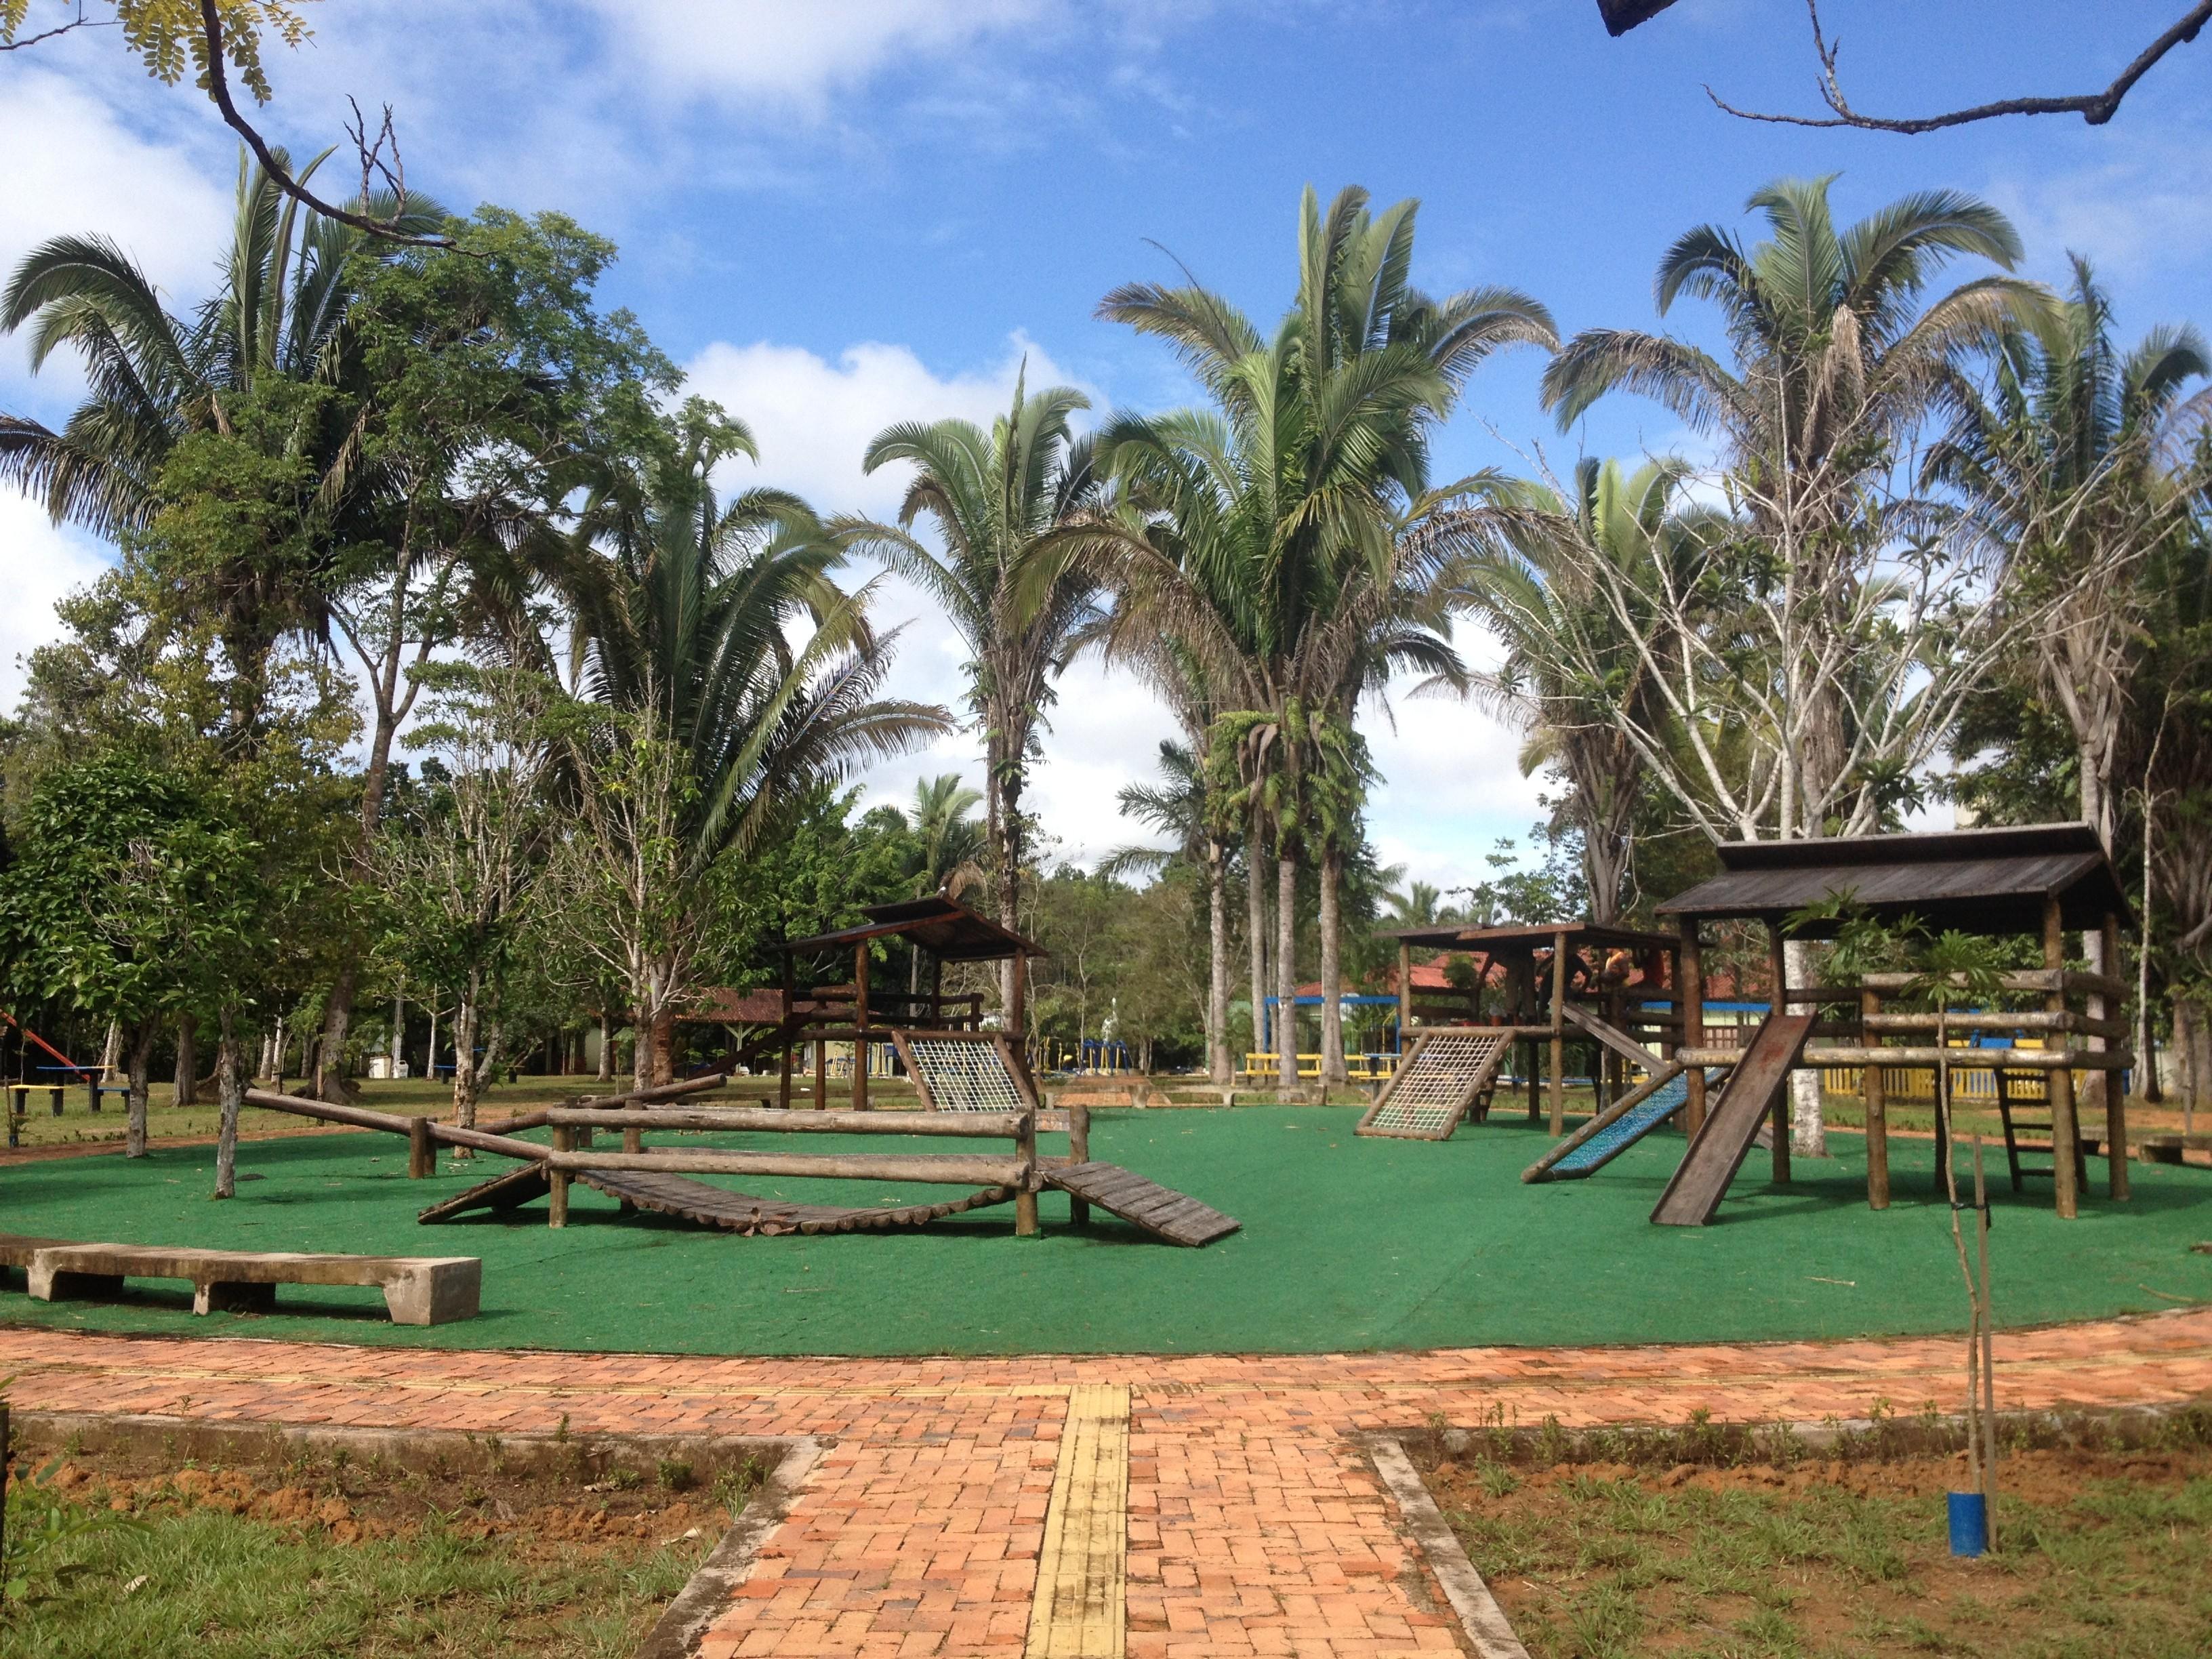 Prazo para reabertura do Parque Natural de Porto Velho é prorrogado para novembro - Radio Evangelho Gospel